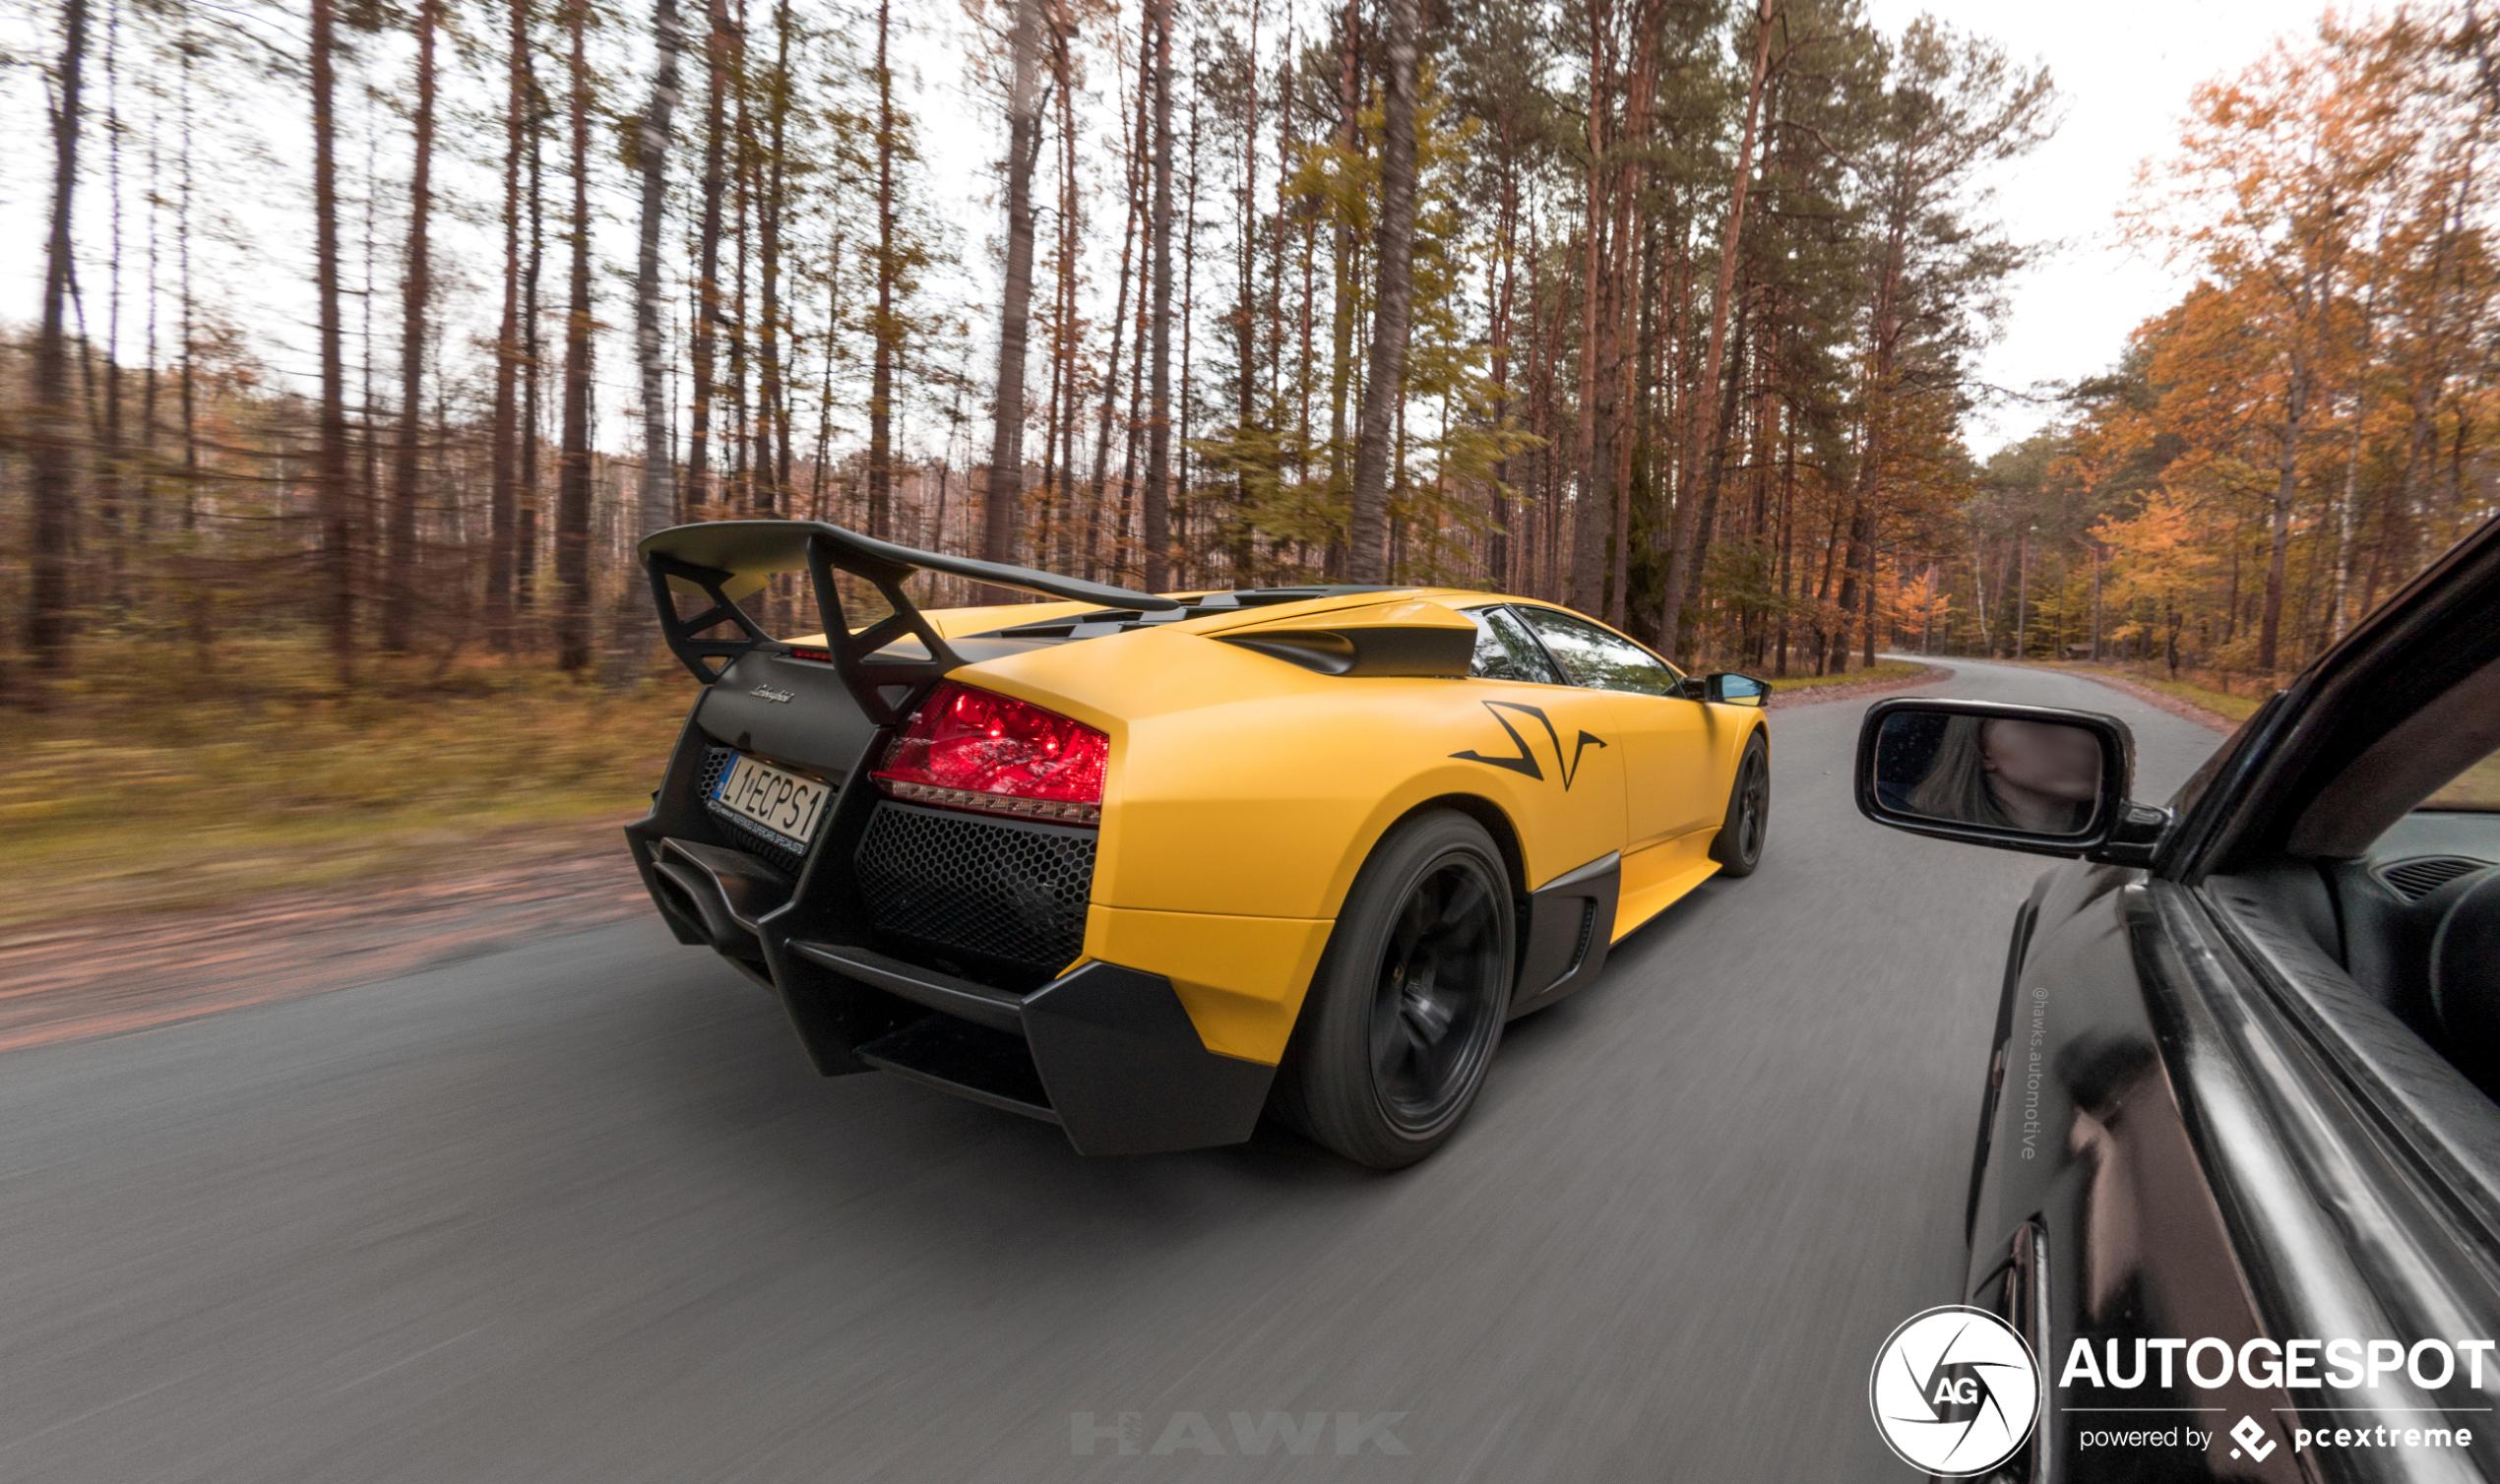 Lamborghini Murciélago LP670-4 SV doet naam geen eer aan